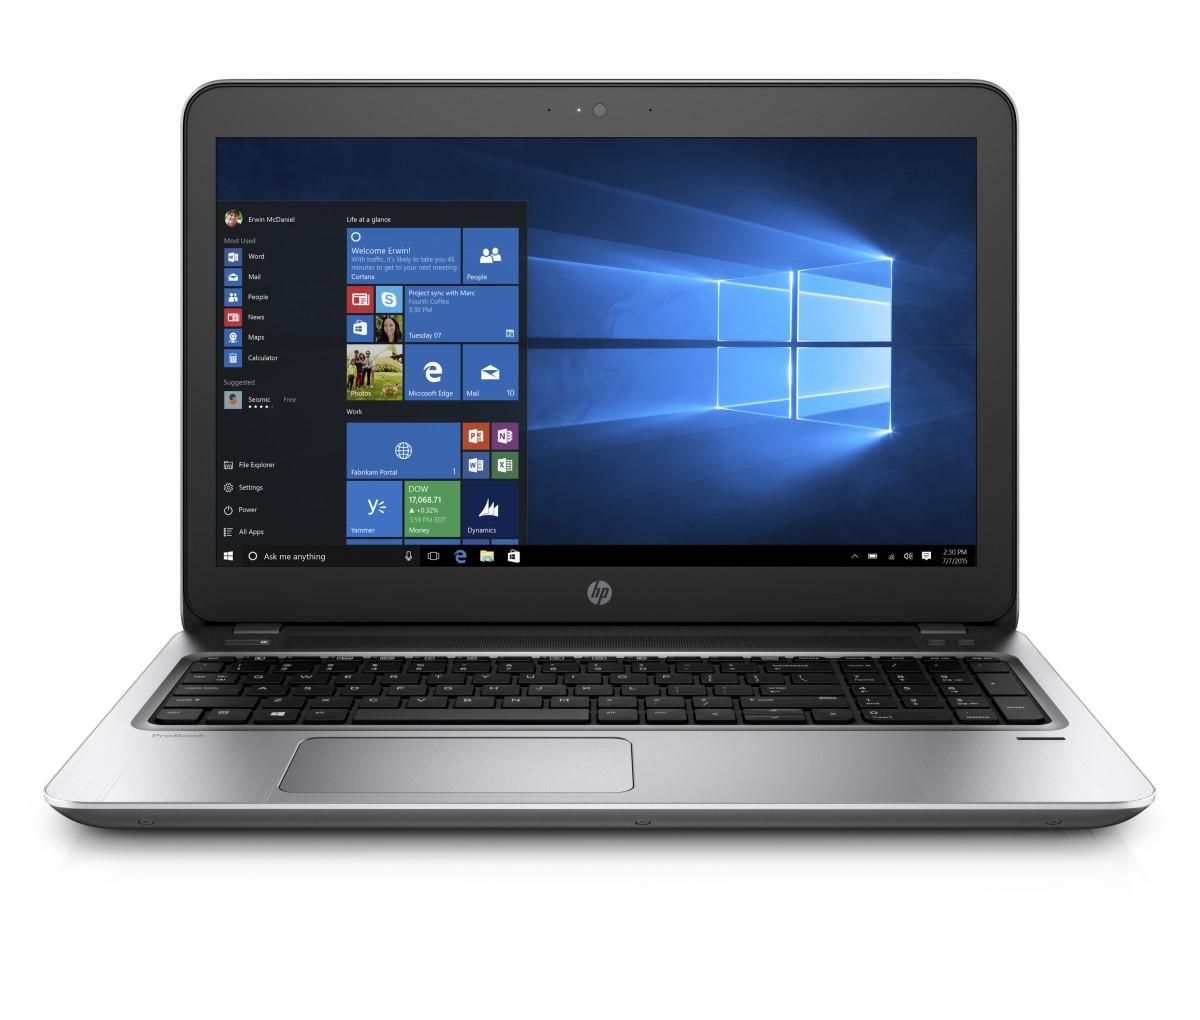 HP ProBook 450 G4 i3-7100U / 8GB / 128GB + 1TB / 15,6'' FHD / Win 10